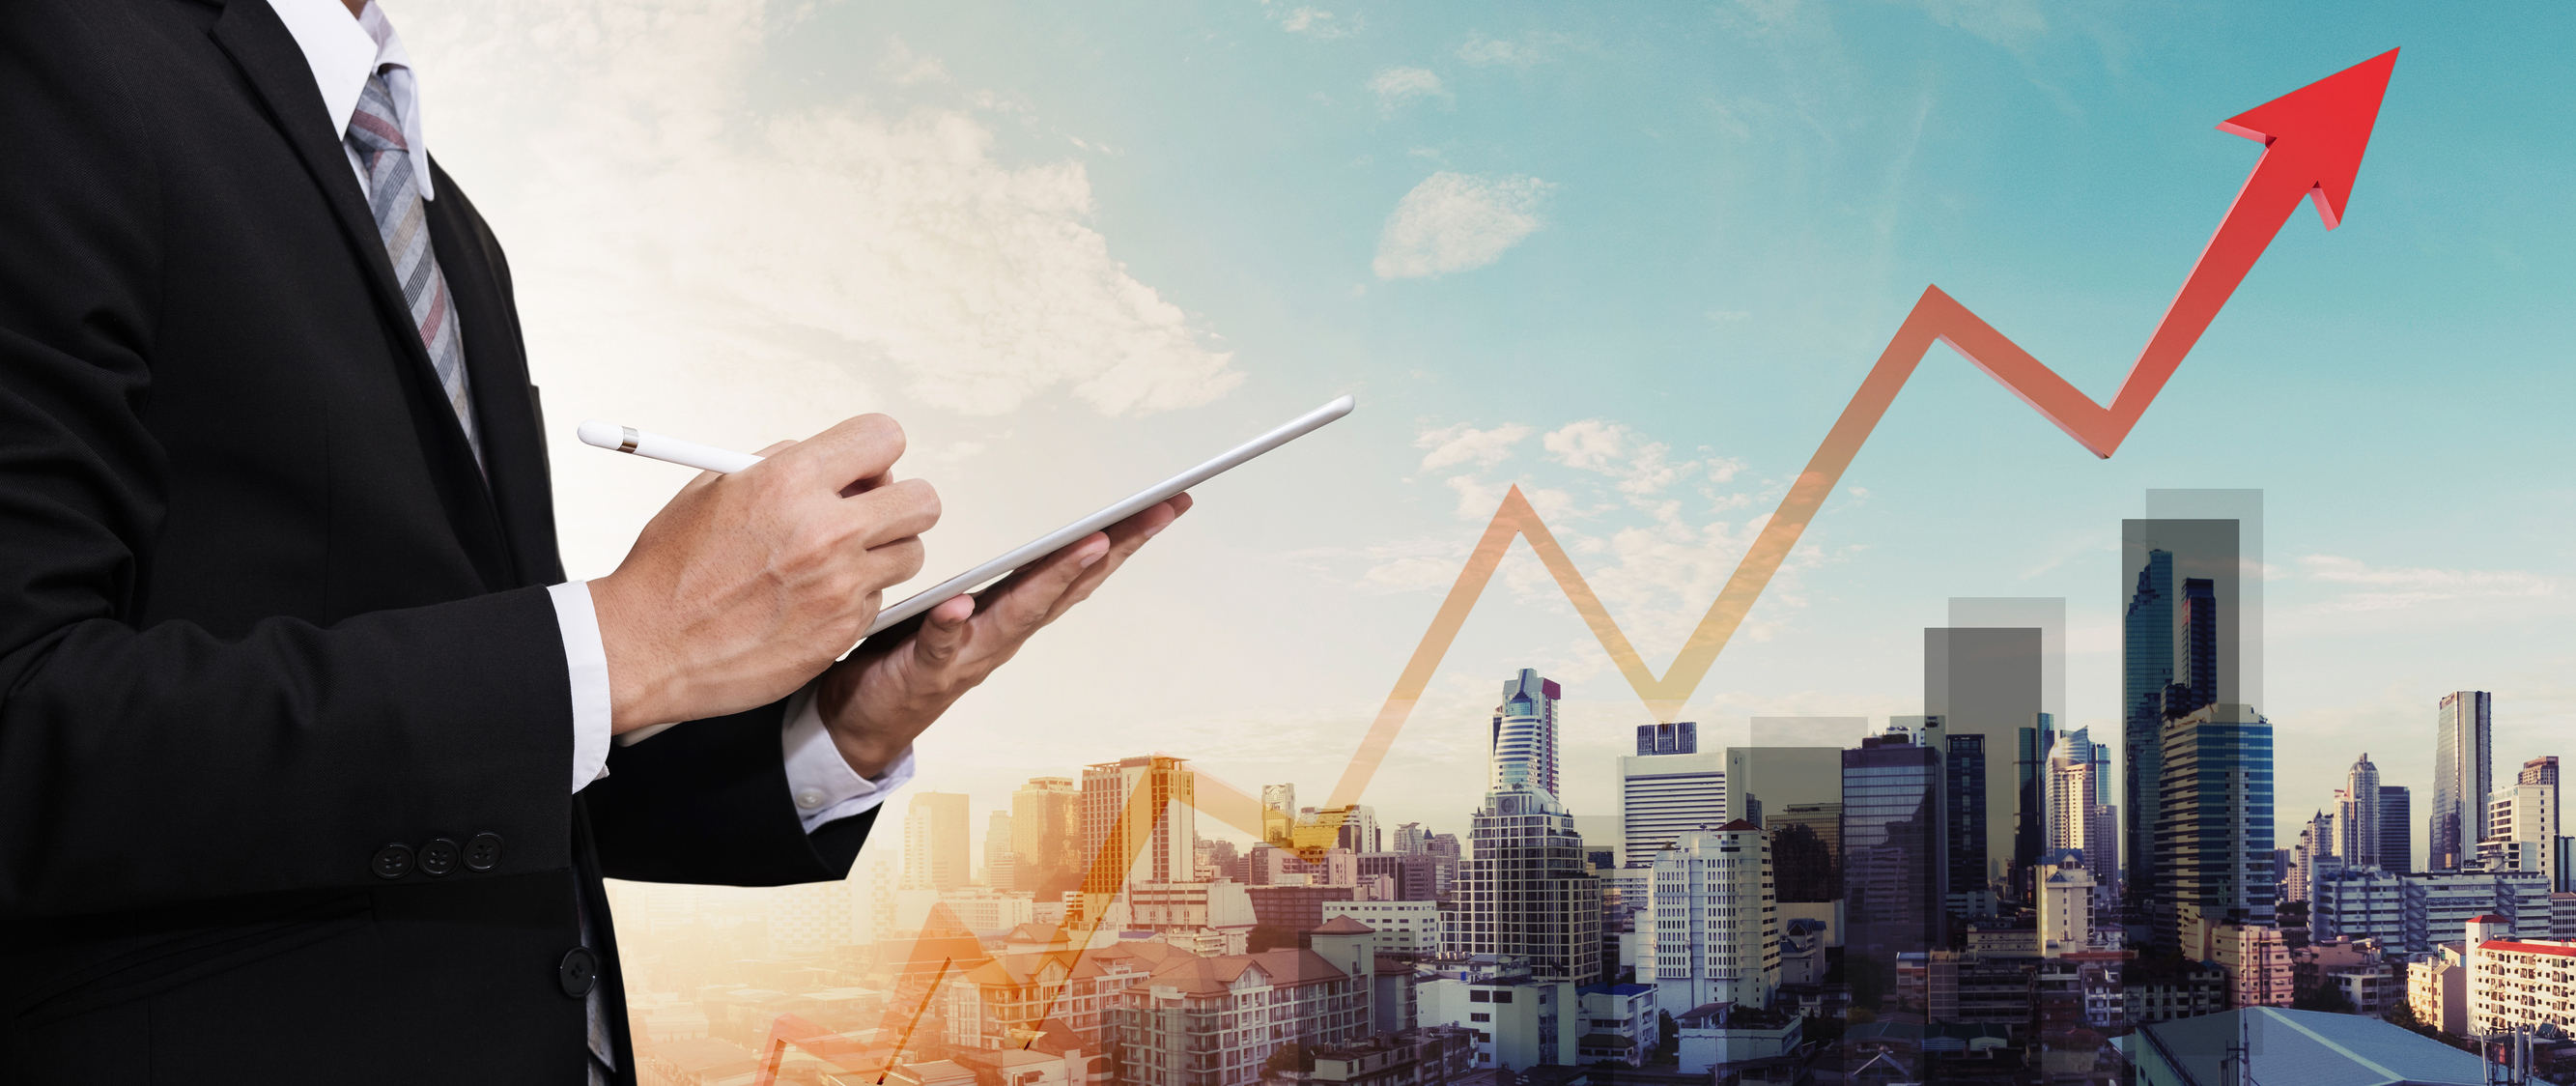 Top 5 Characteristics of Professional Real Estate Investors